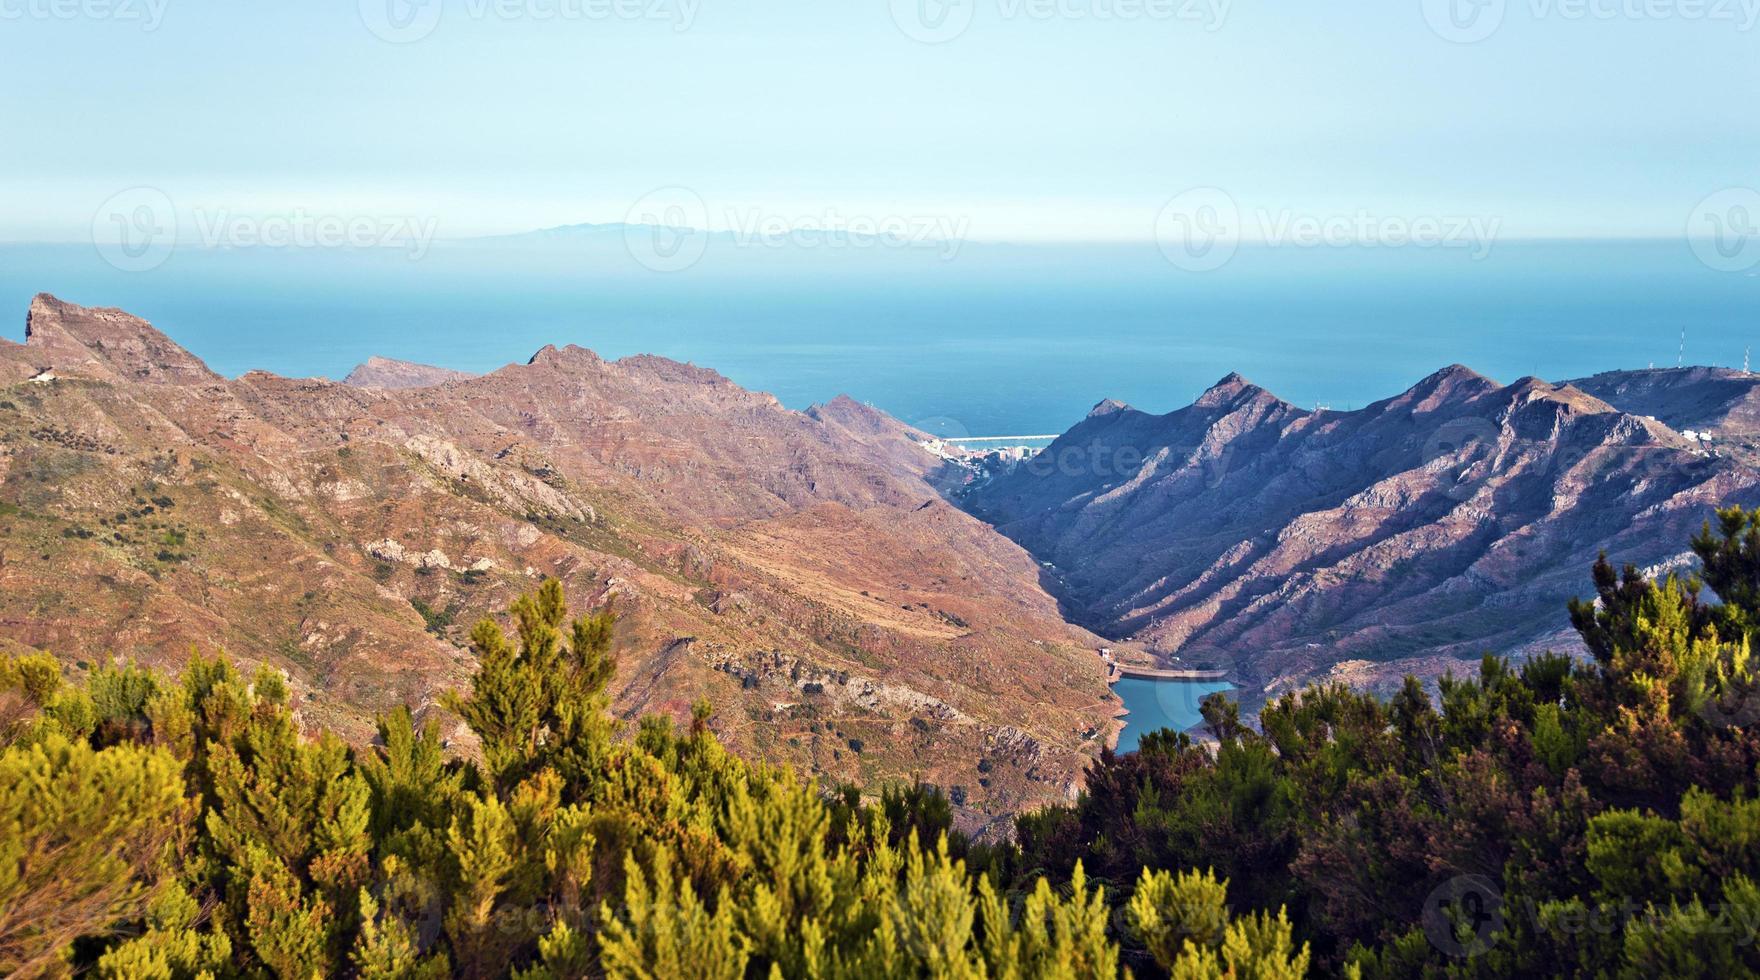 vista do vale de tahodio do maciço de anaga em tenerife foto